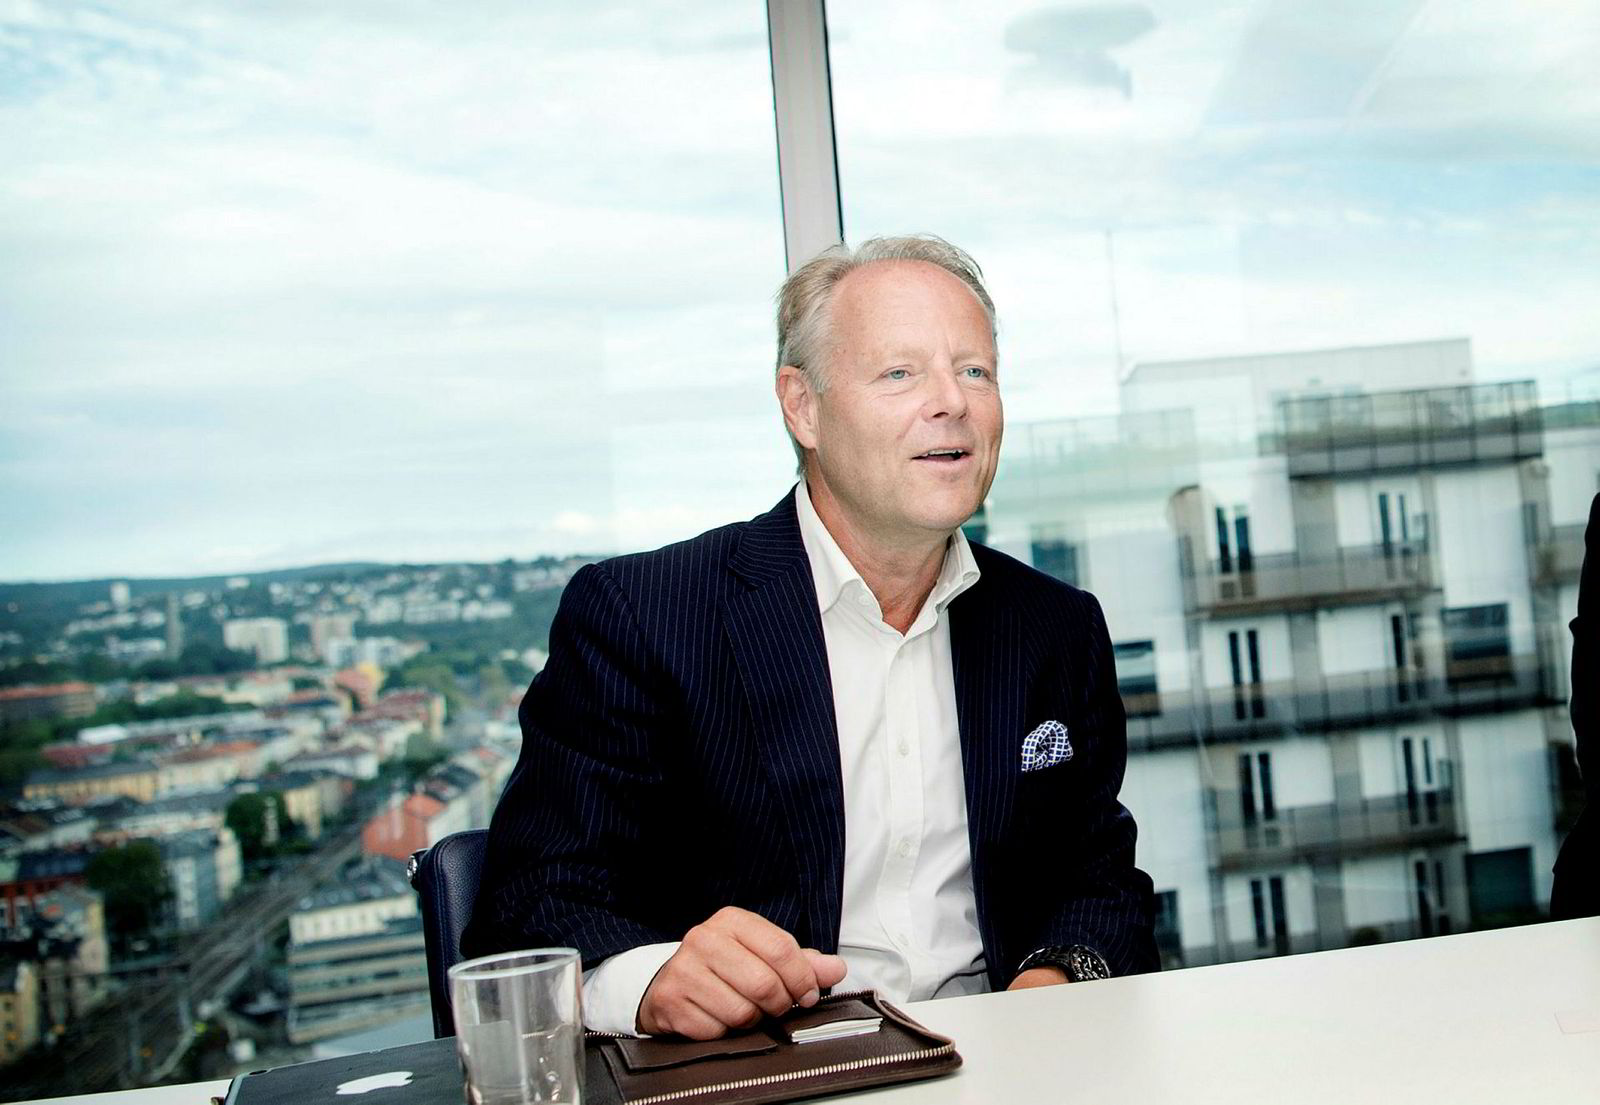 – Når man nesten dobler pengene på 8,5 måneder, så sier jeg takk, sier Rune Rinnan i Televenture og Norsk Innovasjonskapital, som tjente nesten 20 millioner for kundene på under ett år.